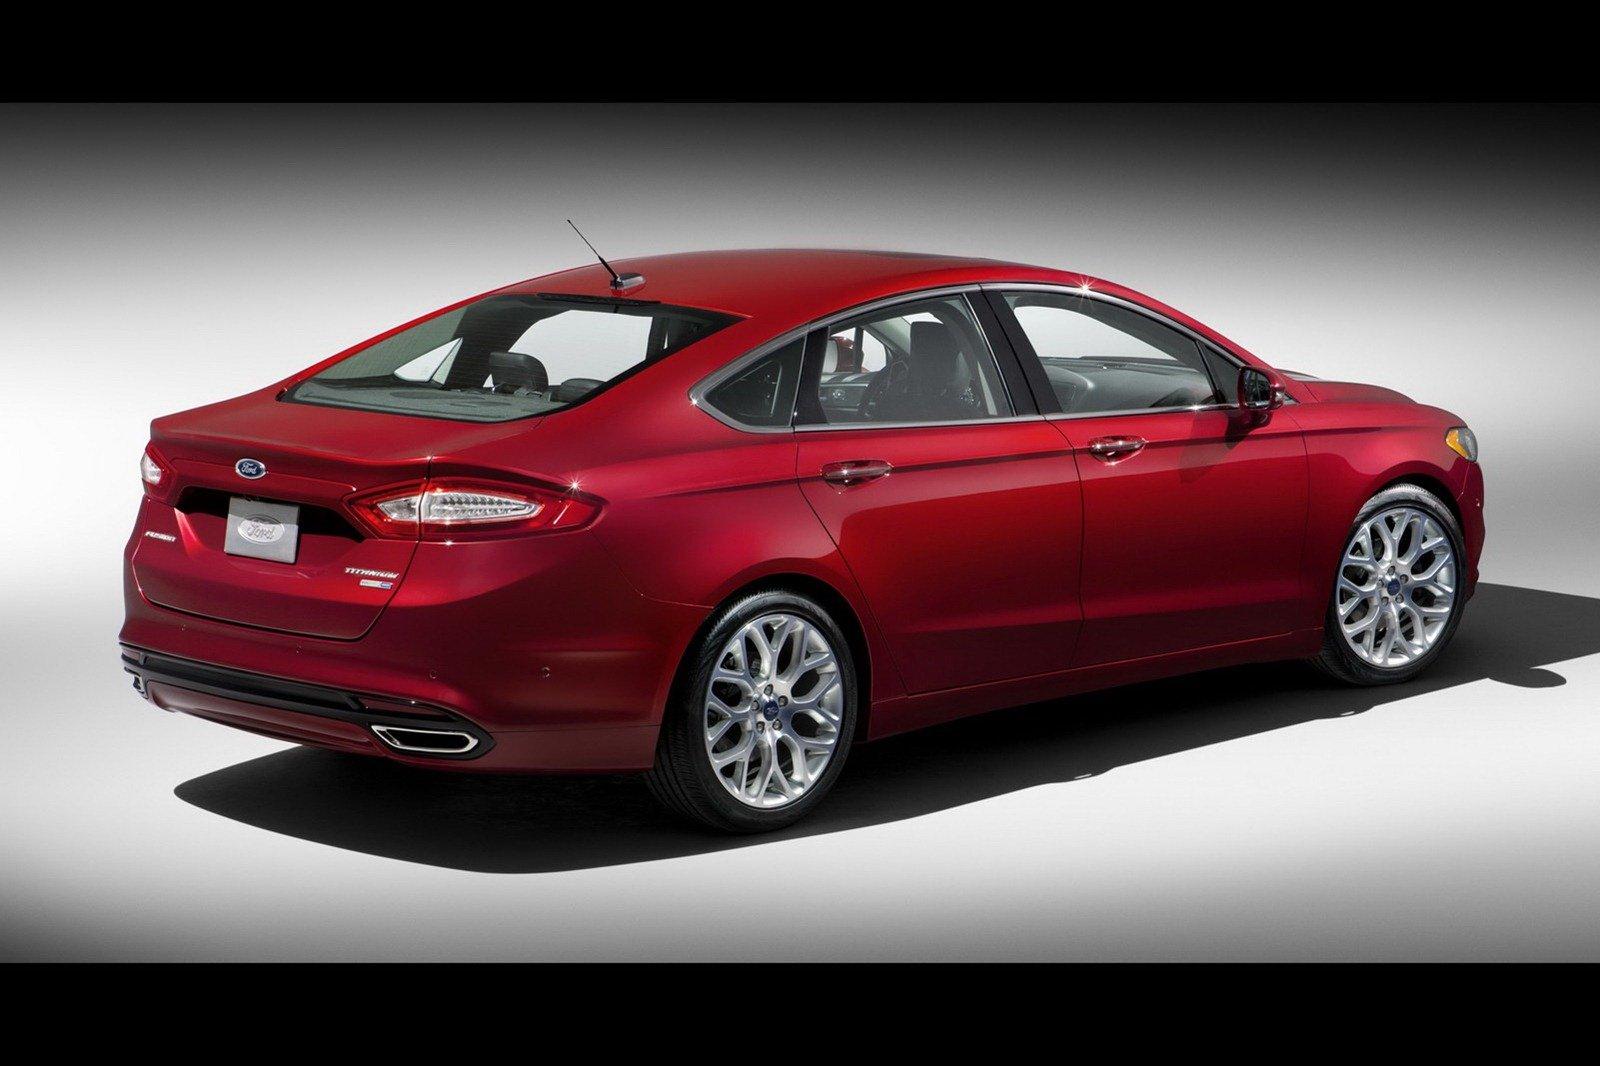 Ford Mondeo - получил отличный дизайн